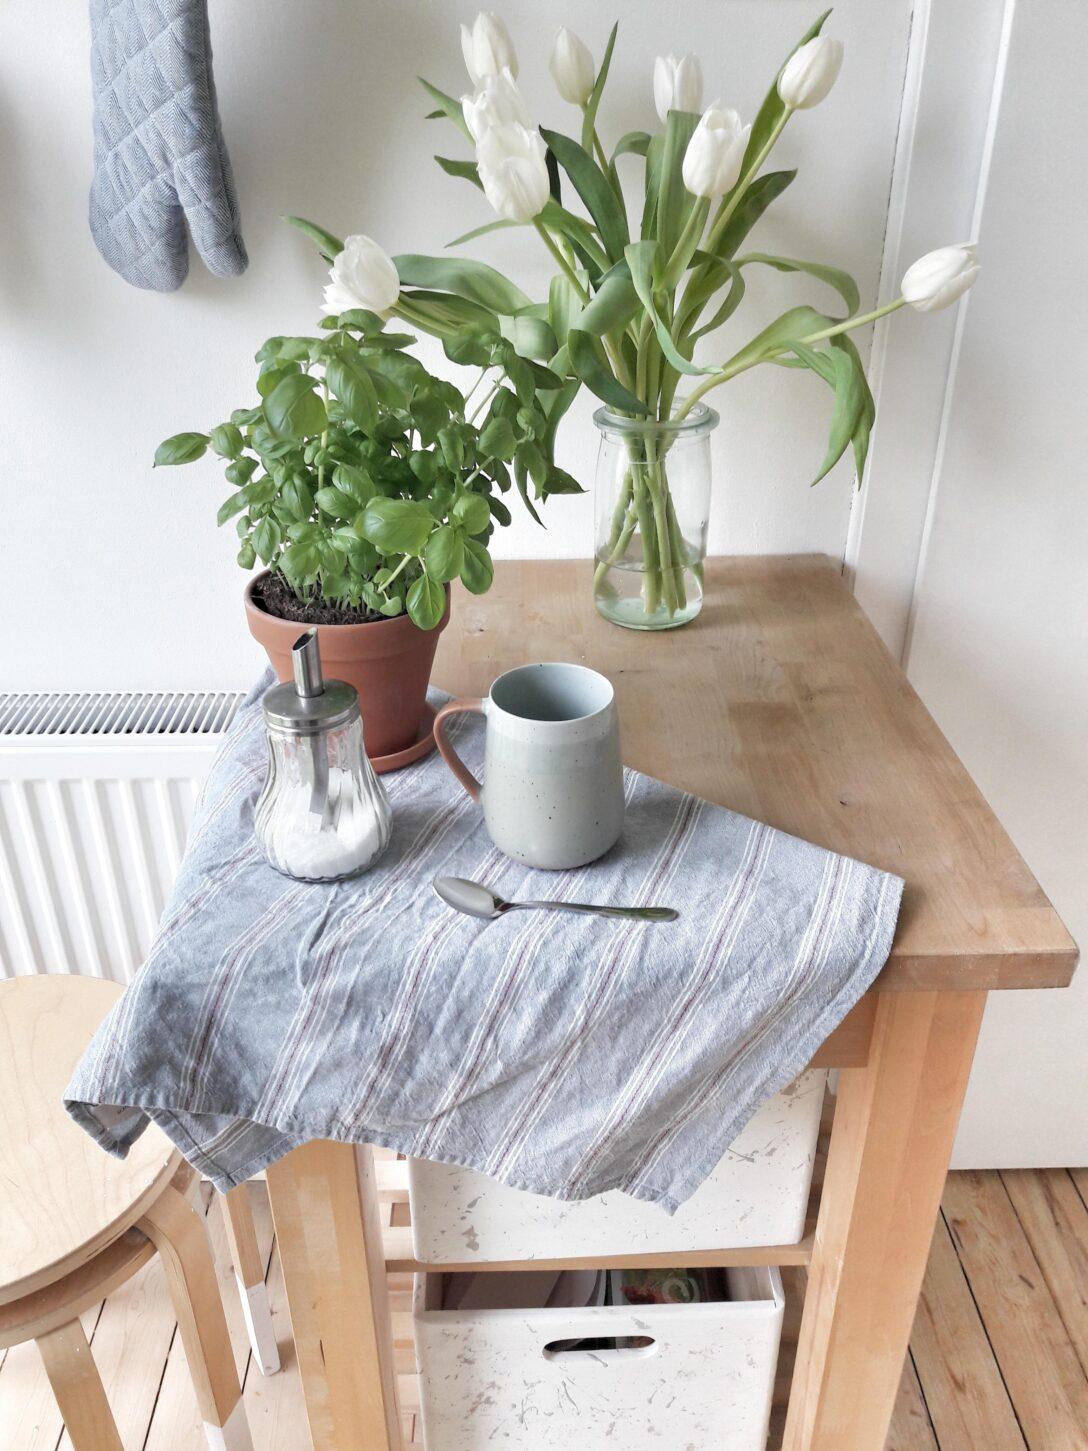 Large Size of Ikea Küche Kosten Kaufen Modulküche Betten 160x200 Bei Sofa Mit Schlaffunktion Miniküche Wohnzimmer Kücheninseln Ikea